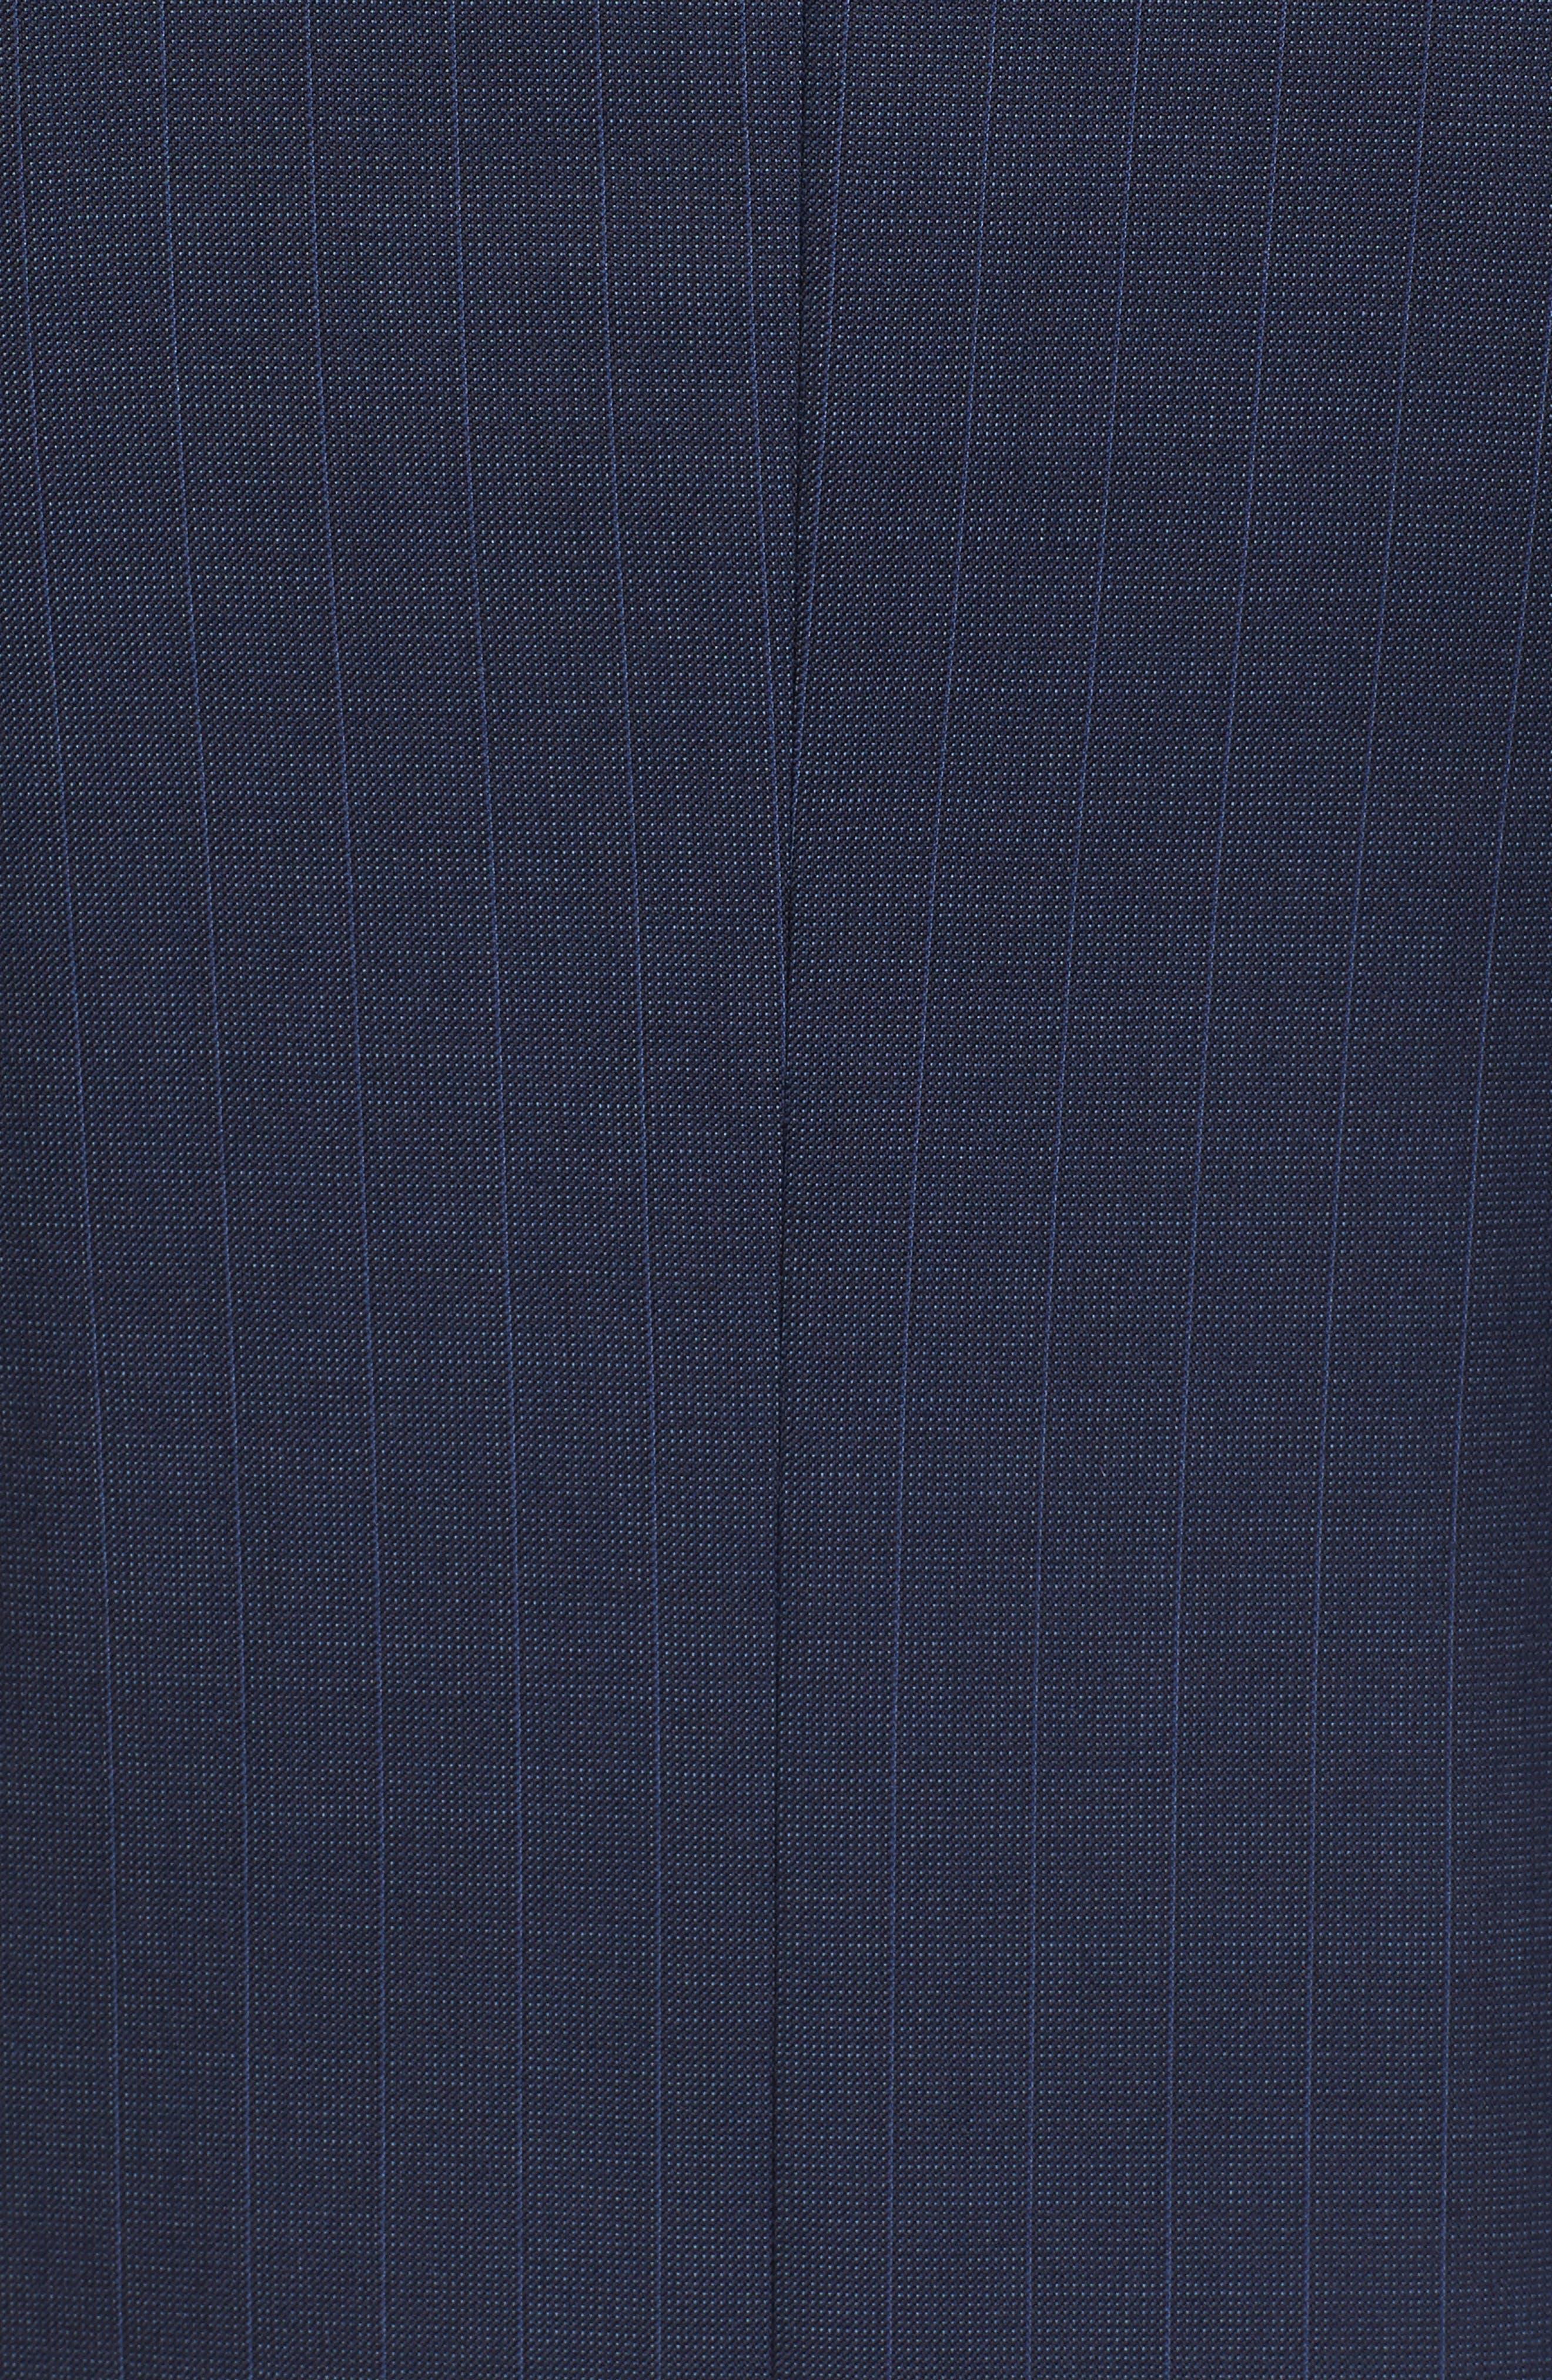 Jay Trim Fit Stripe Wool Suit,                             Alternate thumbnail 7, color,                             400